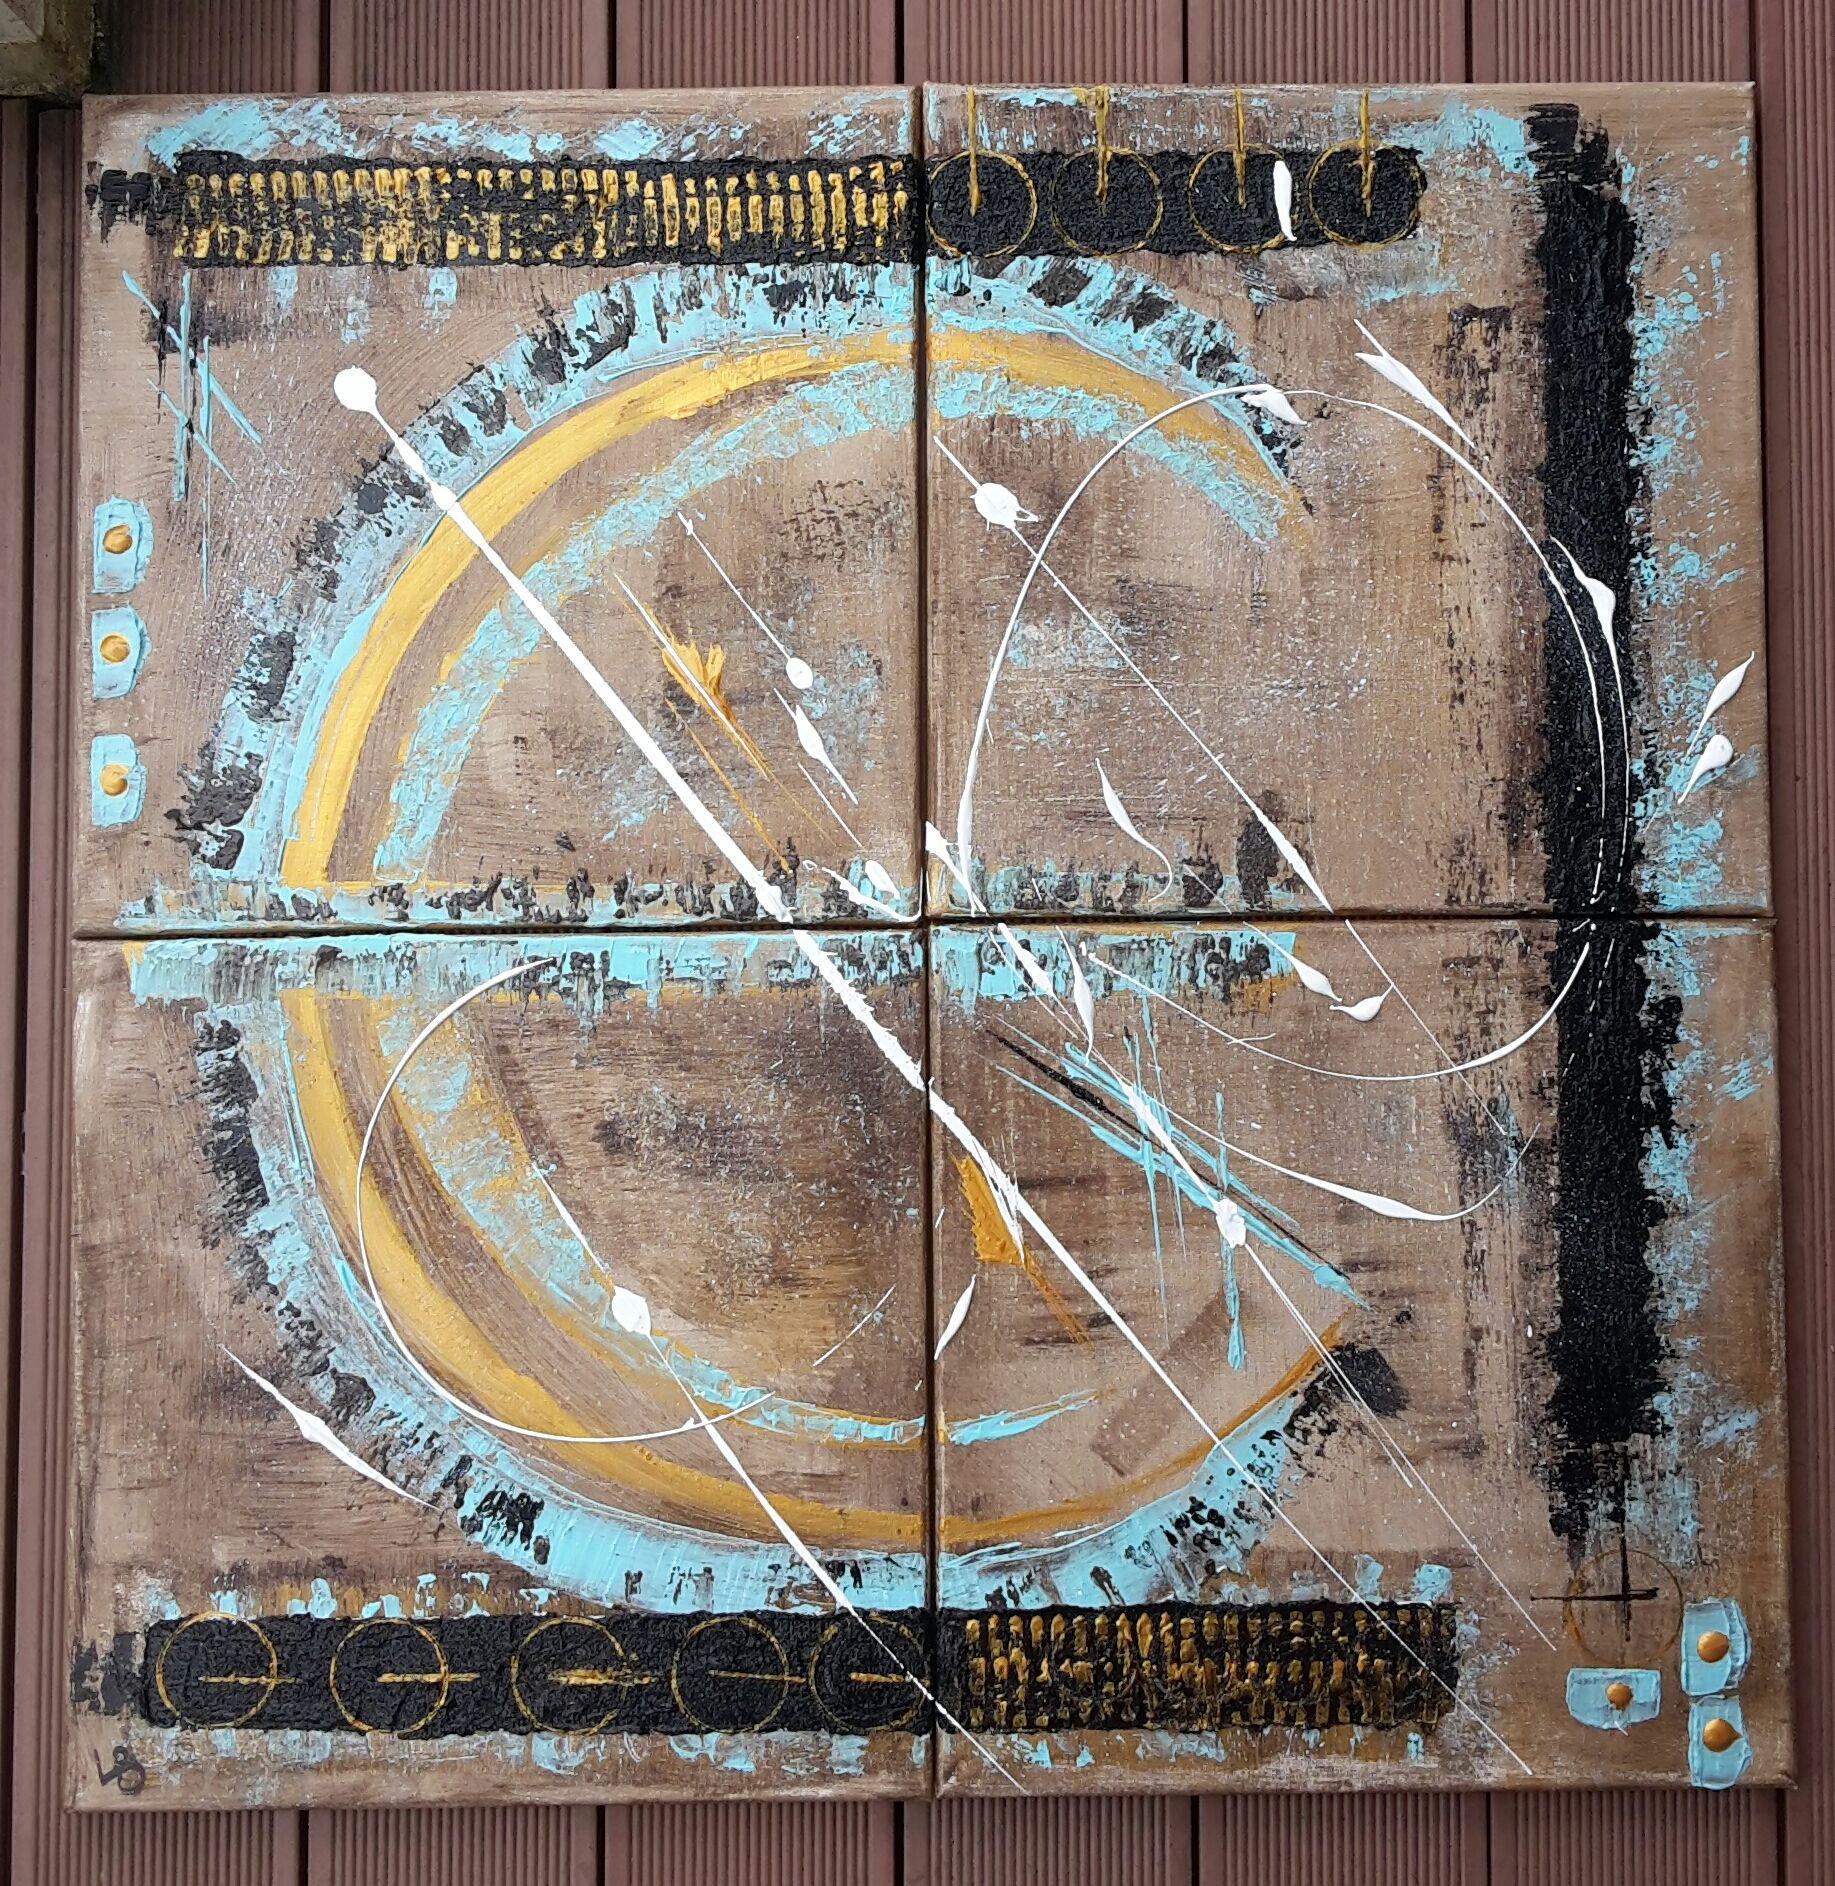 abstrait en 4 toiles avec relief  marron,turquoise, or et noir 4 toiles de 40x40 soit au total 80x80